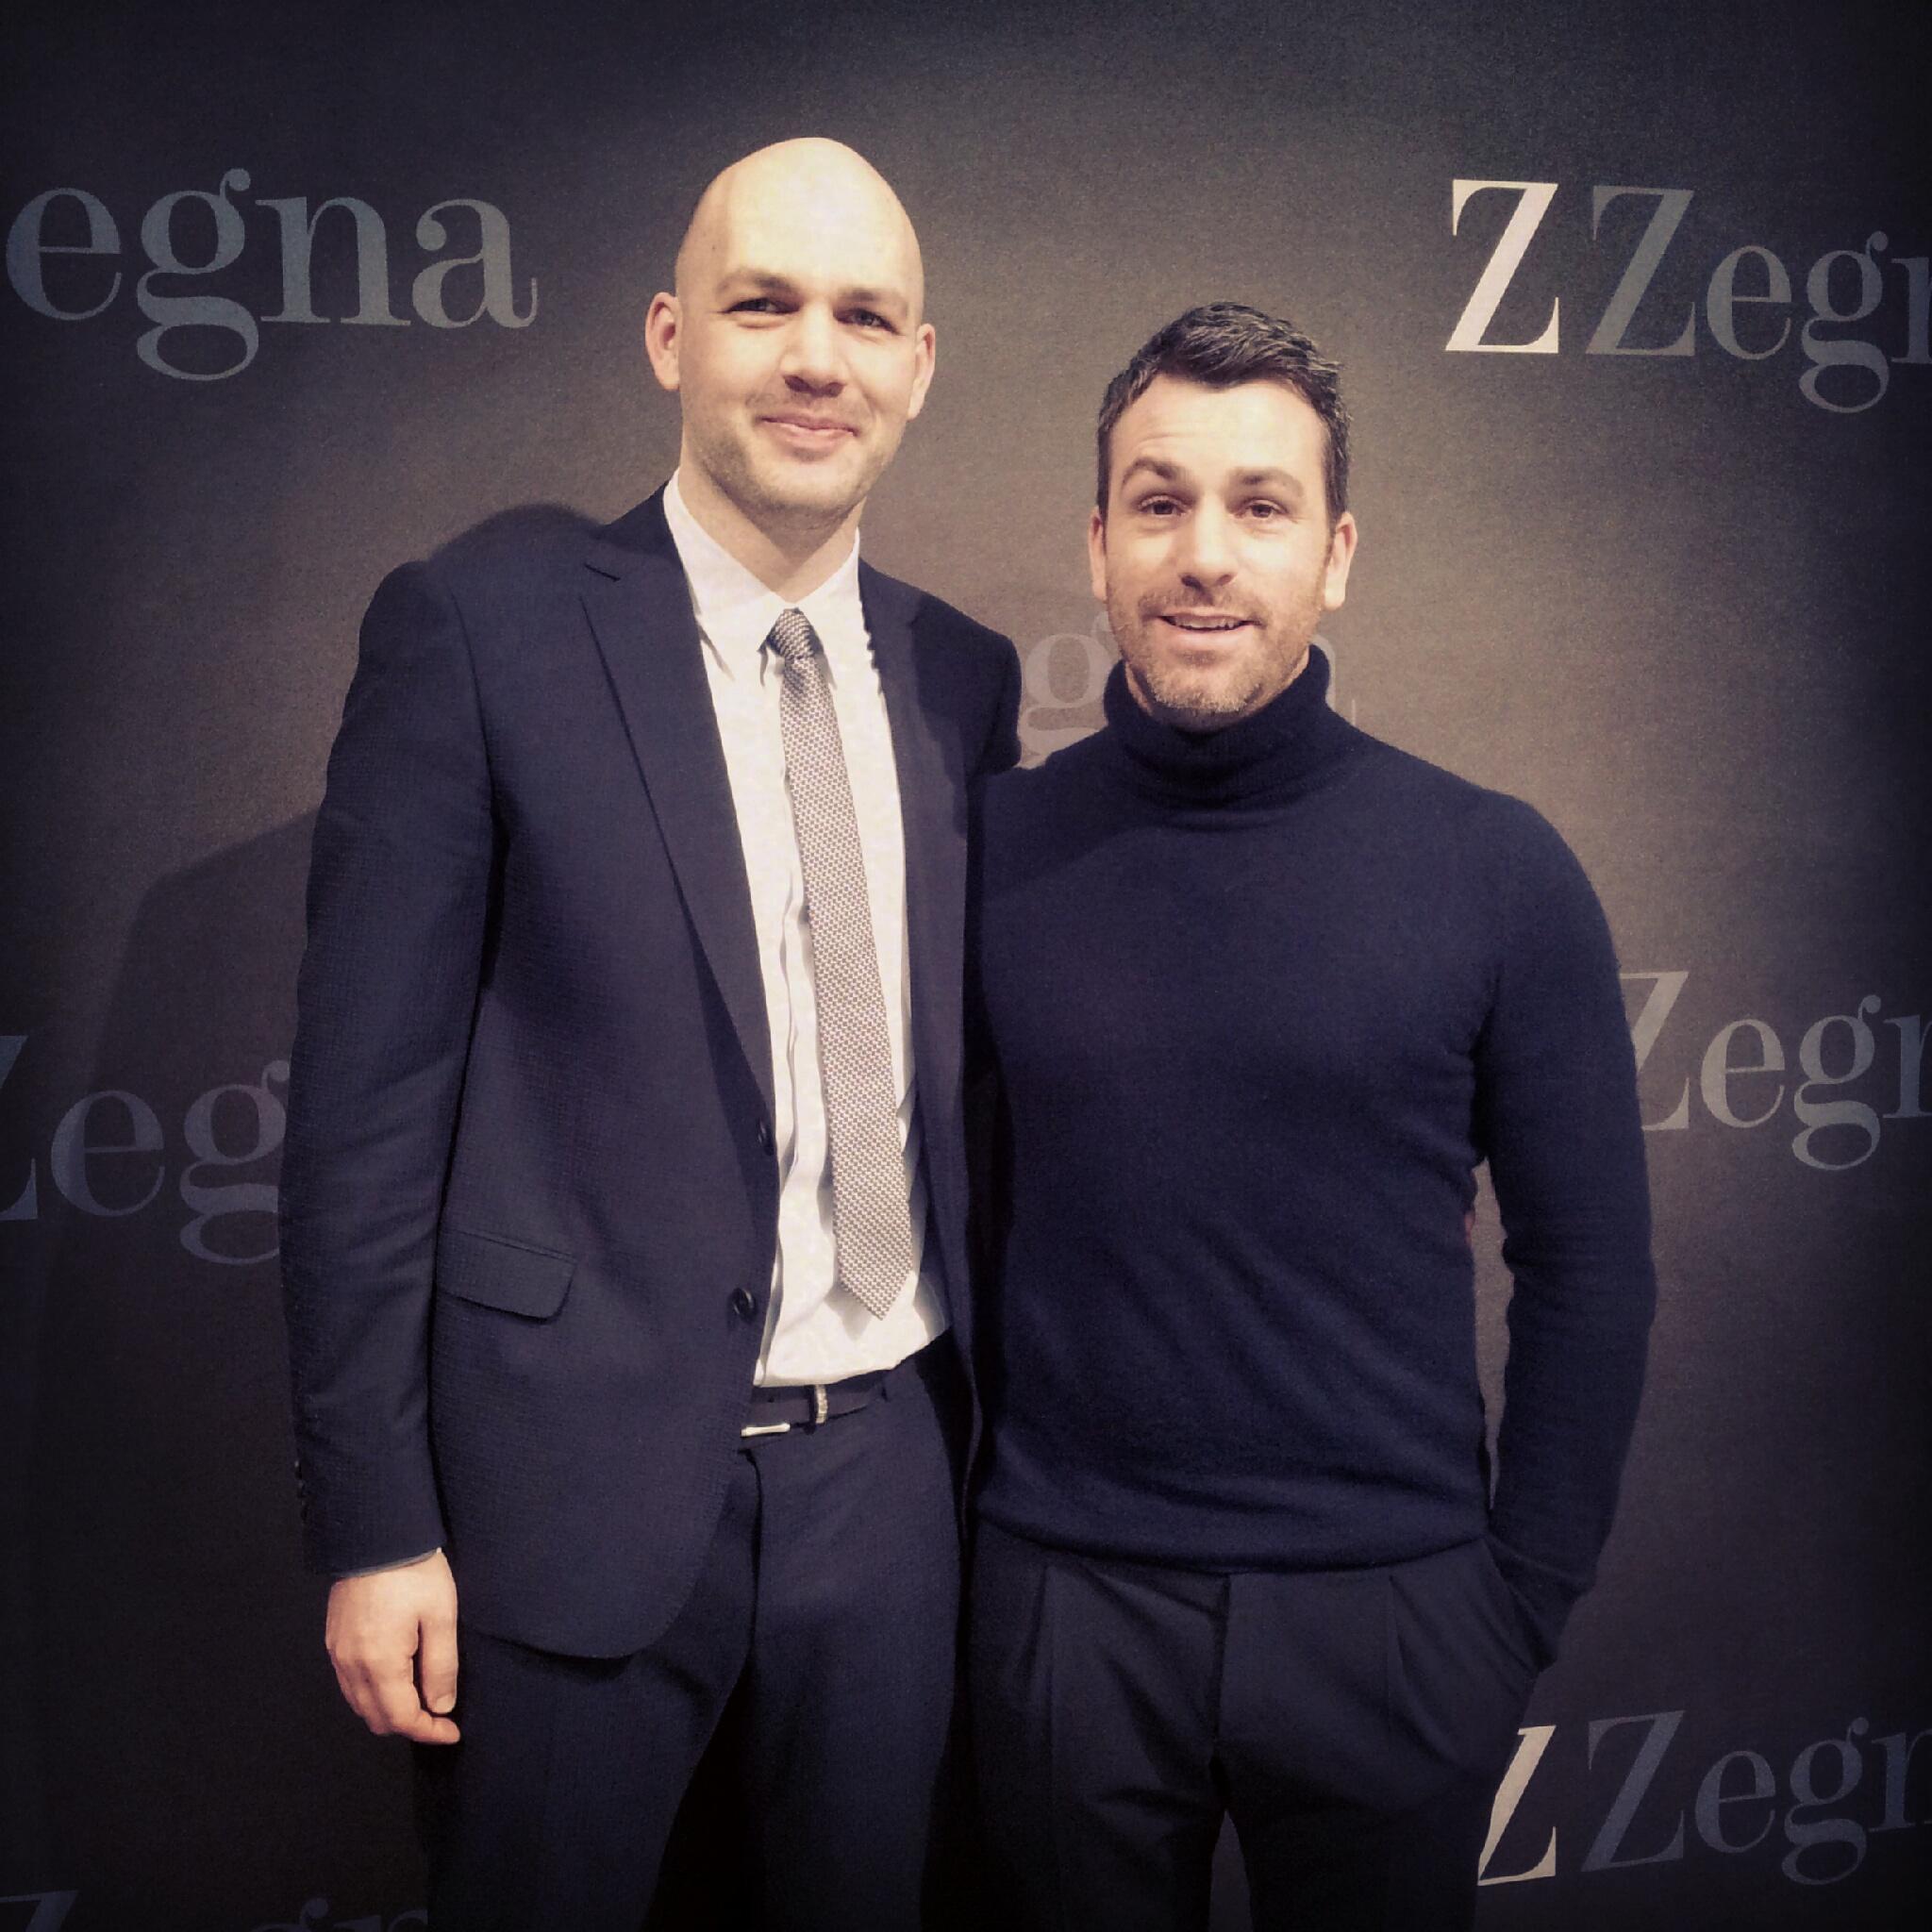 Paul Surridge and Heiko Kunkel - Z Zegna google+ Hangout